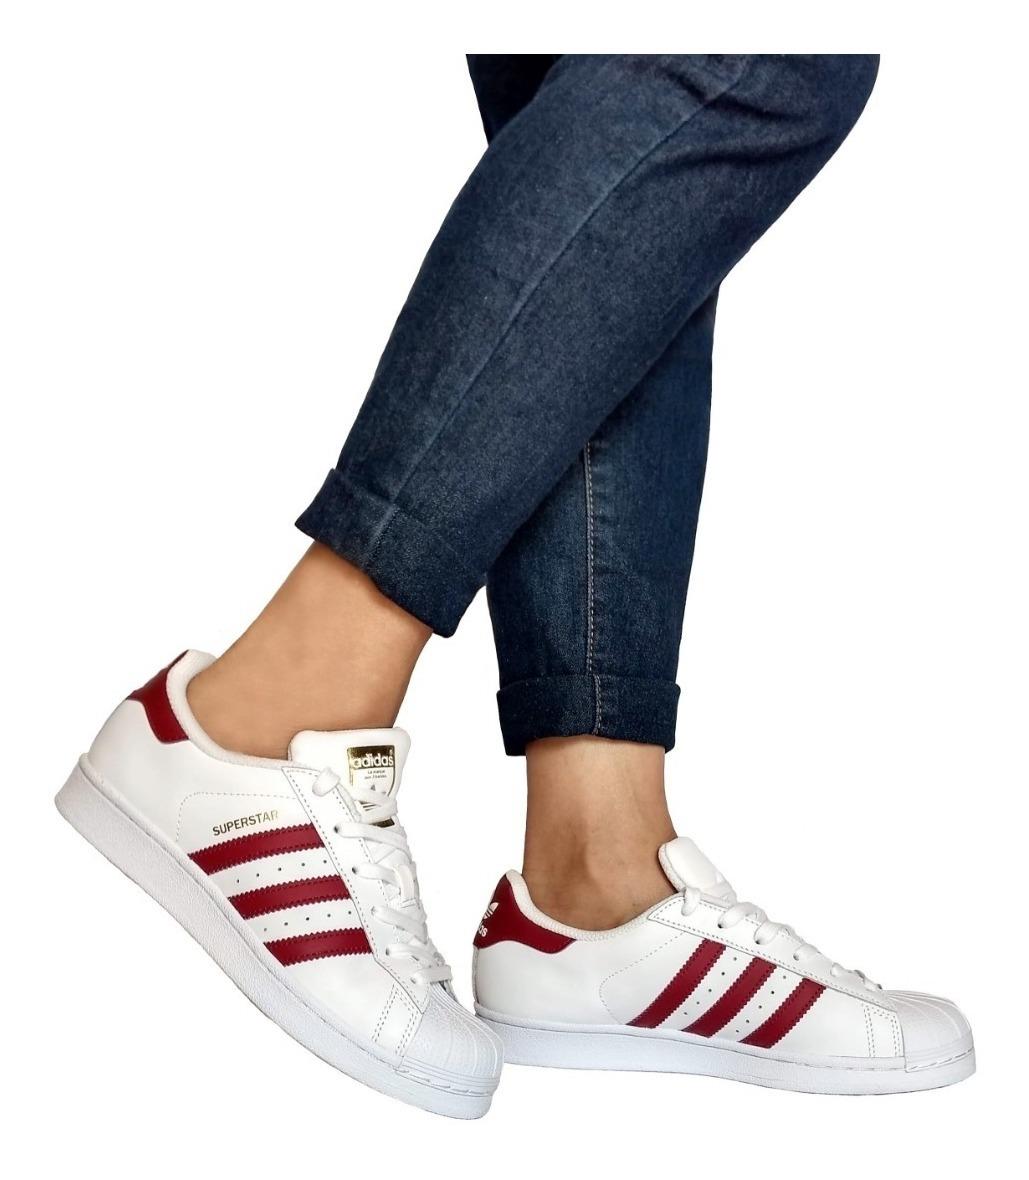 Zapatillas adidas Superstar Originals Bordo $ 6.000,00